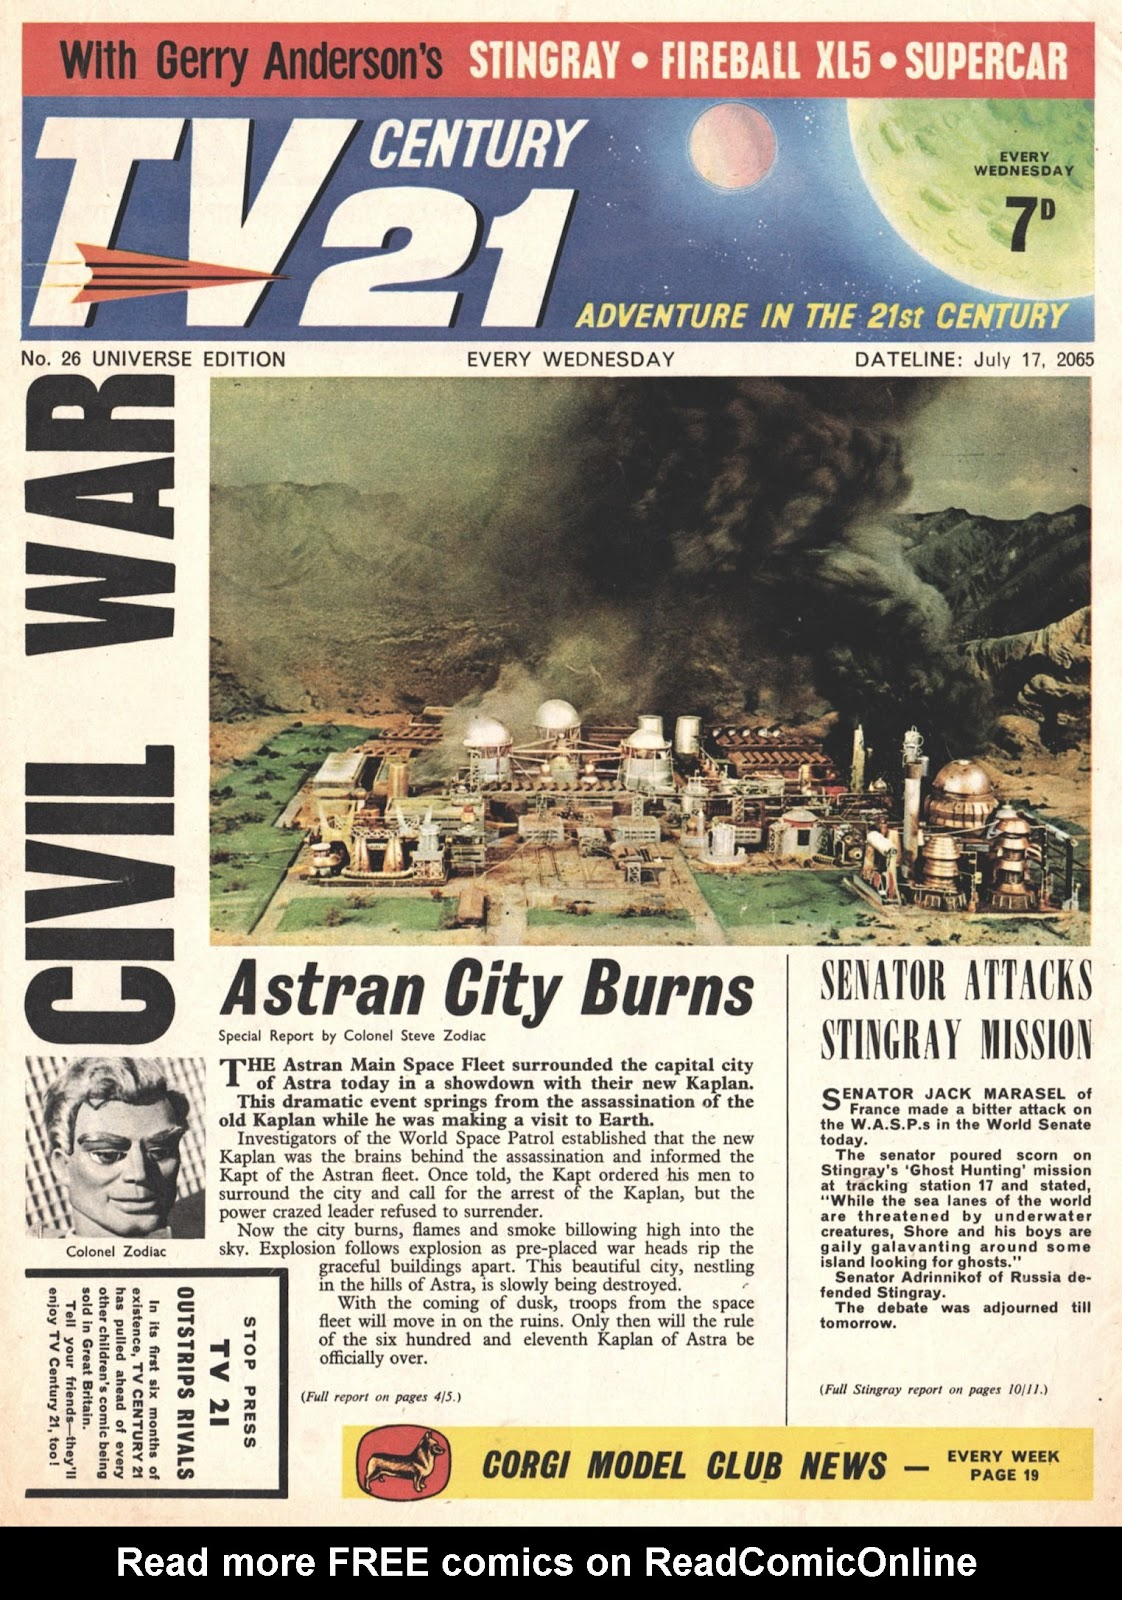 TV Century 21 (TV 21) 26 Page 1